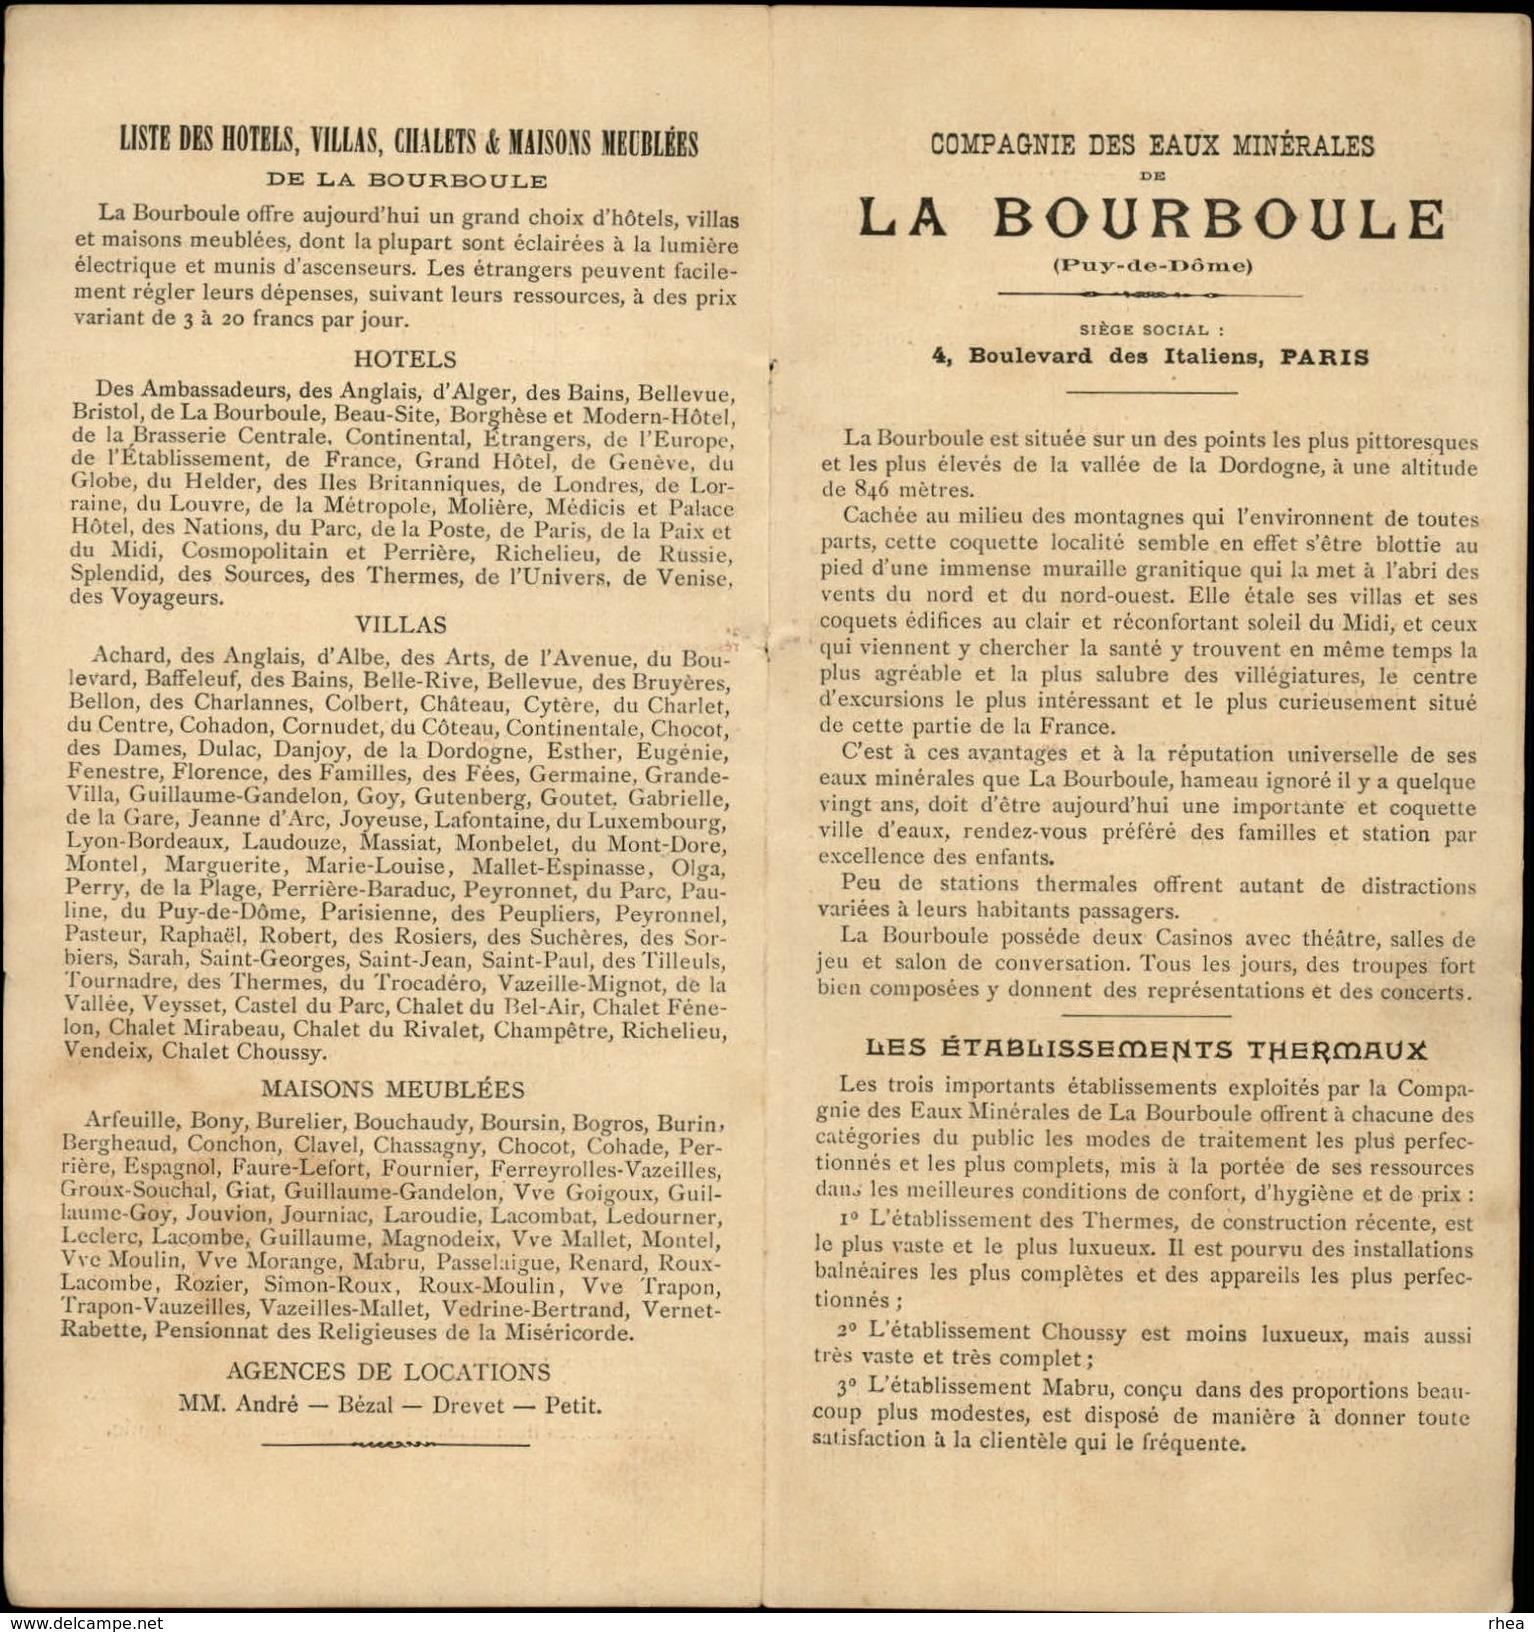 DEPLIANT TOURISTIQUE - LA BOURBOULE (6 Pages) - Dépliants Touristiques